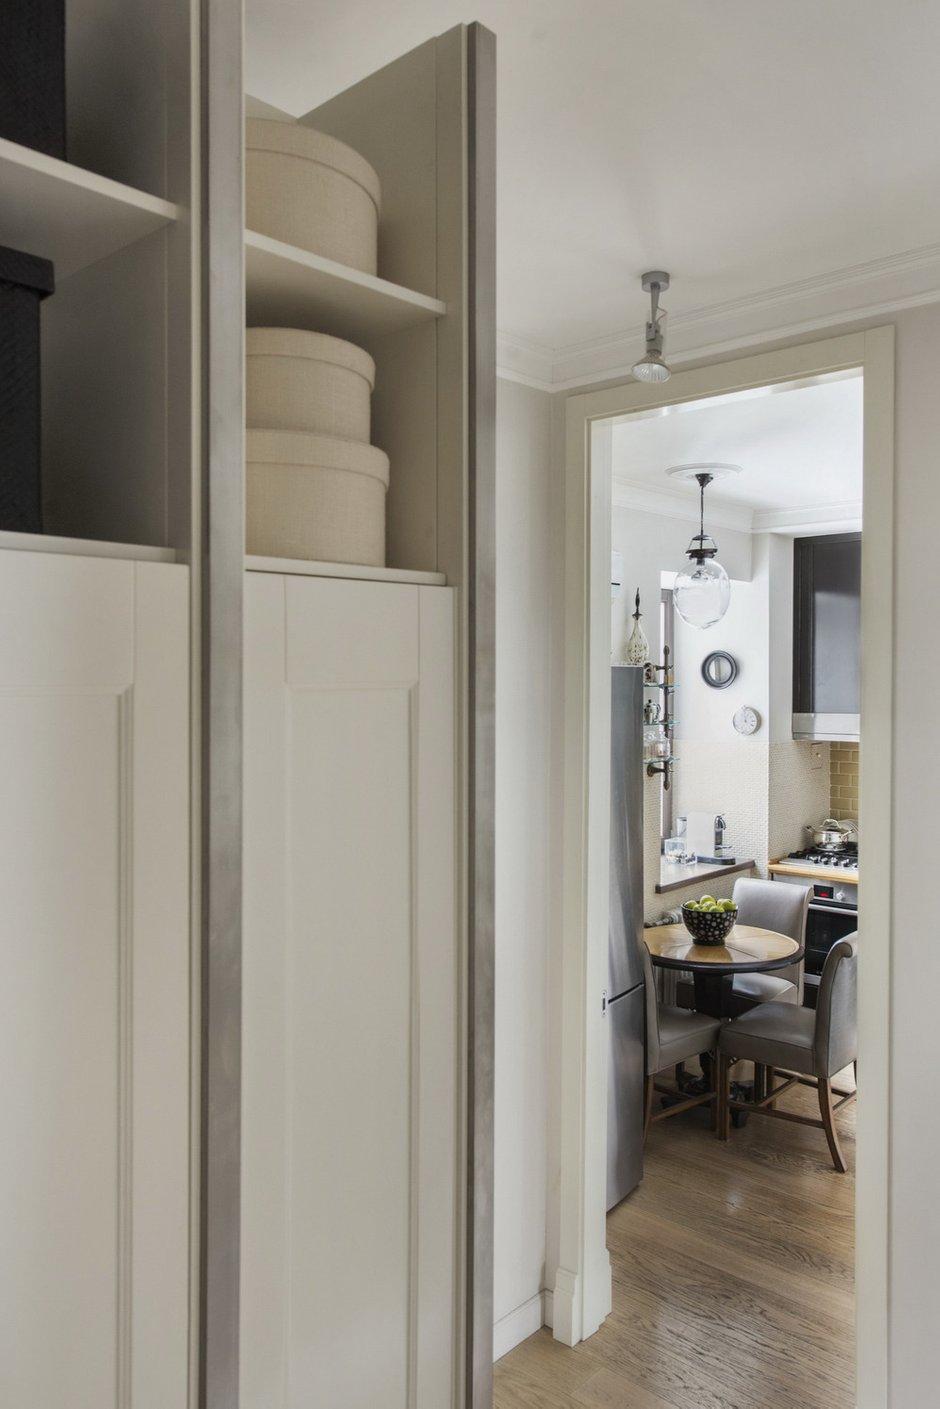 Фотография: Спальня в стиле Современный, Декор интерьера, Мебель и свет, Проект недели, Лена Ленских – фото на INMYROOM